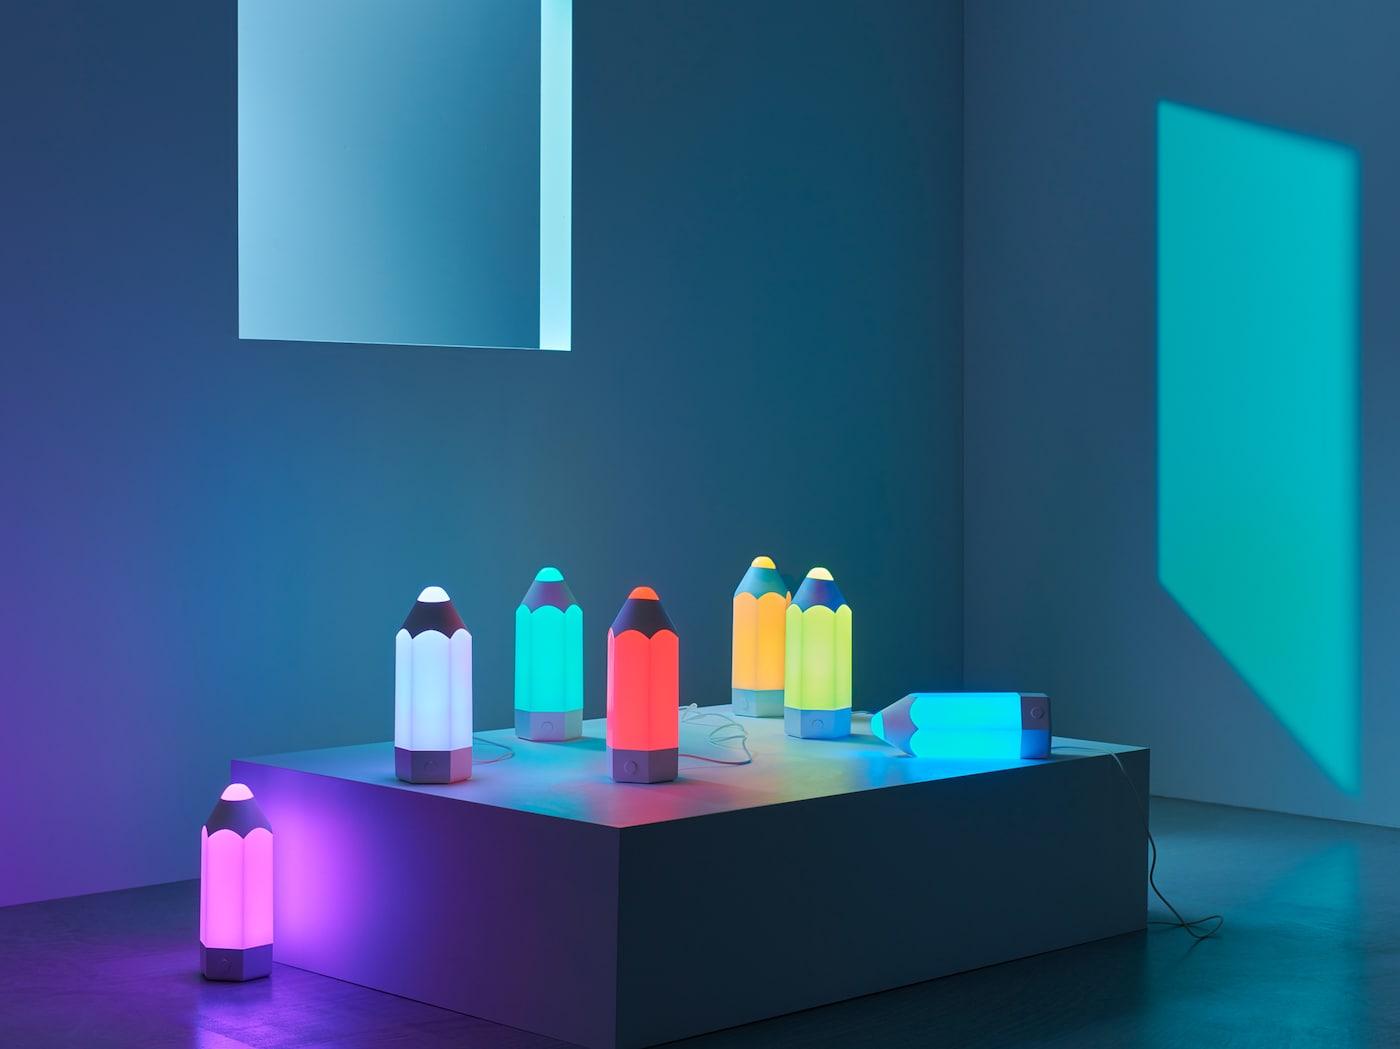 Sieben PELARBOJ Tischleuchten im verspielten Stiftdesign zeigen die sieben verschiedenen Farbmöglichkeiten, in denen sie leuchten.